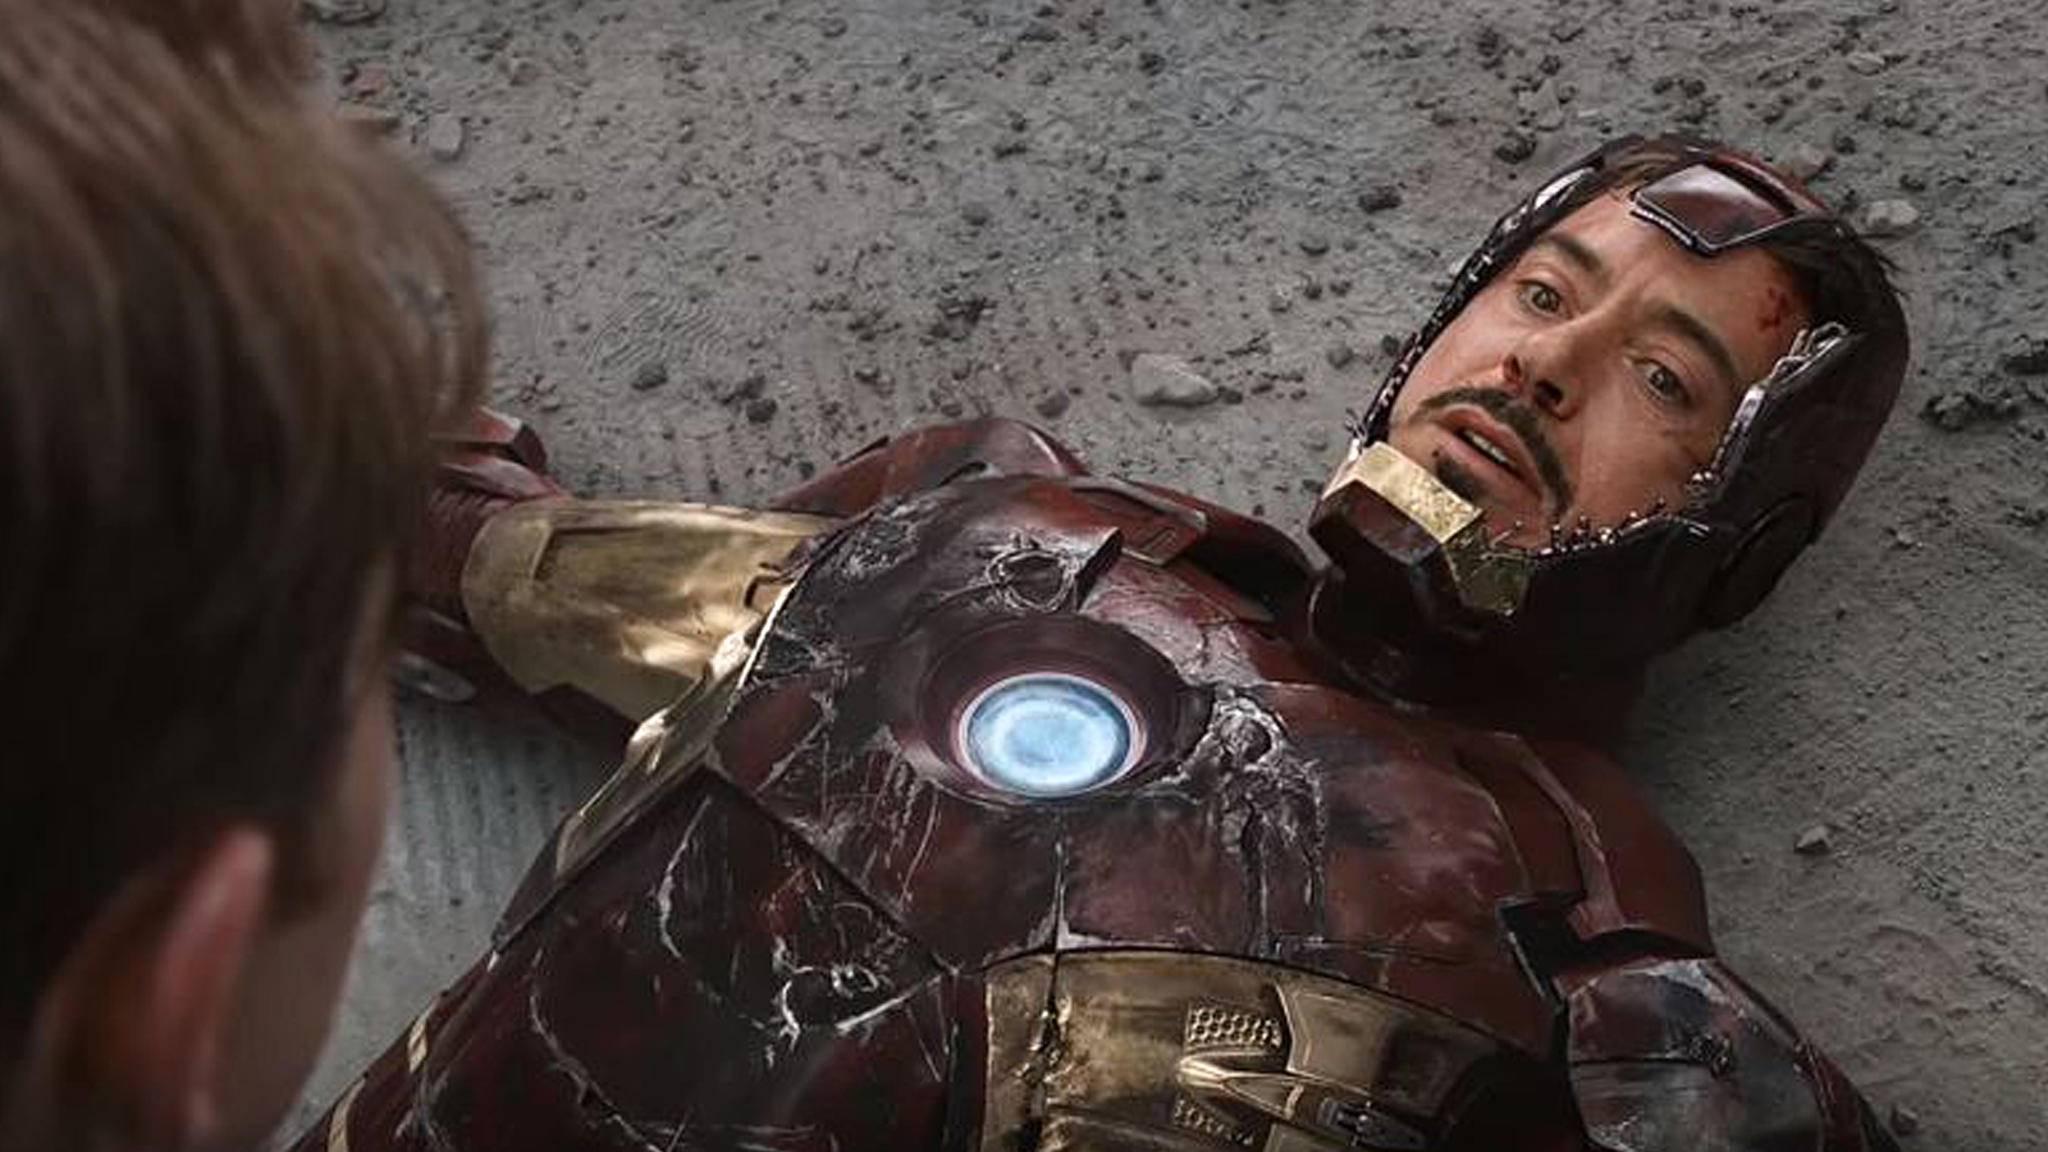 Bei dieser Szene hatte Schauspieler Robert Downey Jr. seine Finger in nicht unbeträchtlichem Umfang im Spiel.